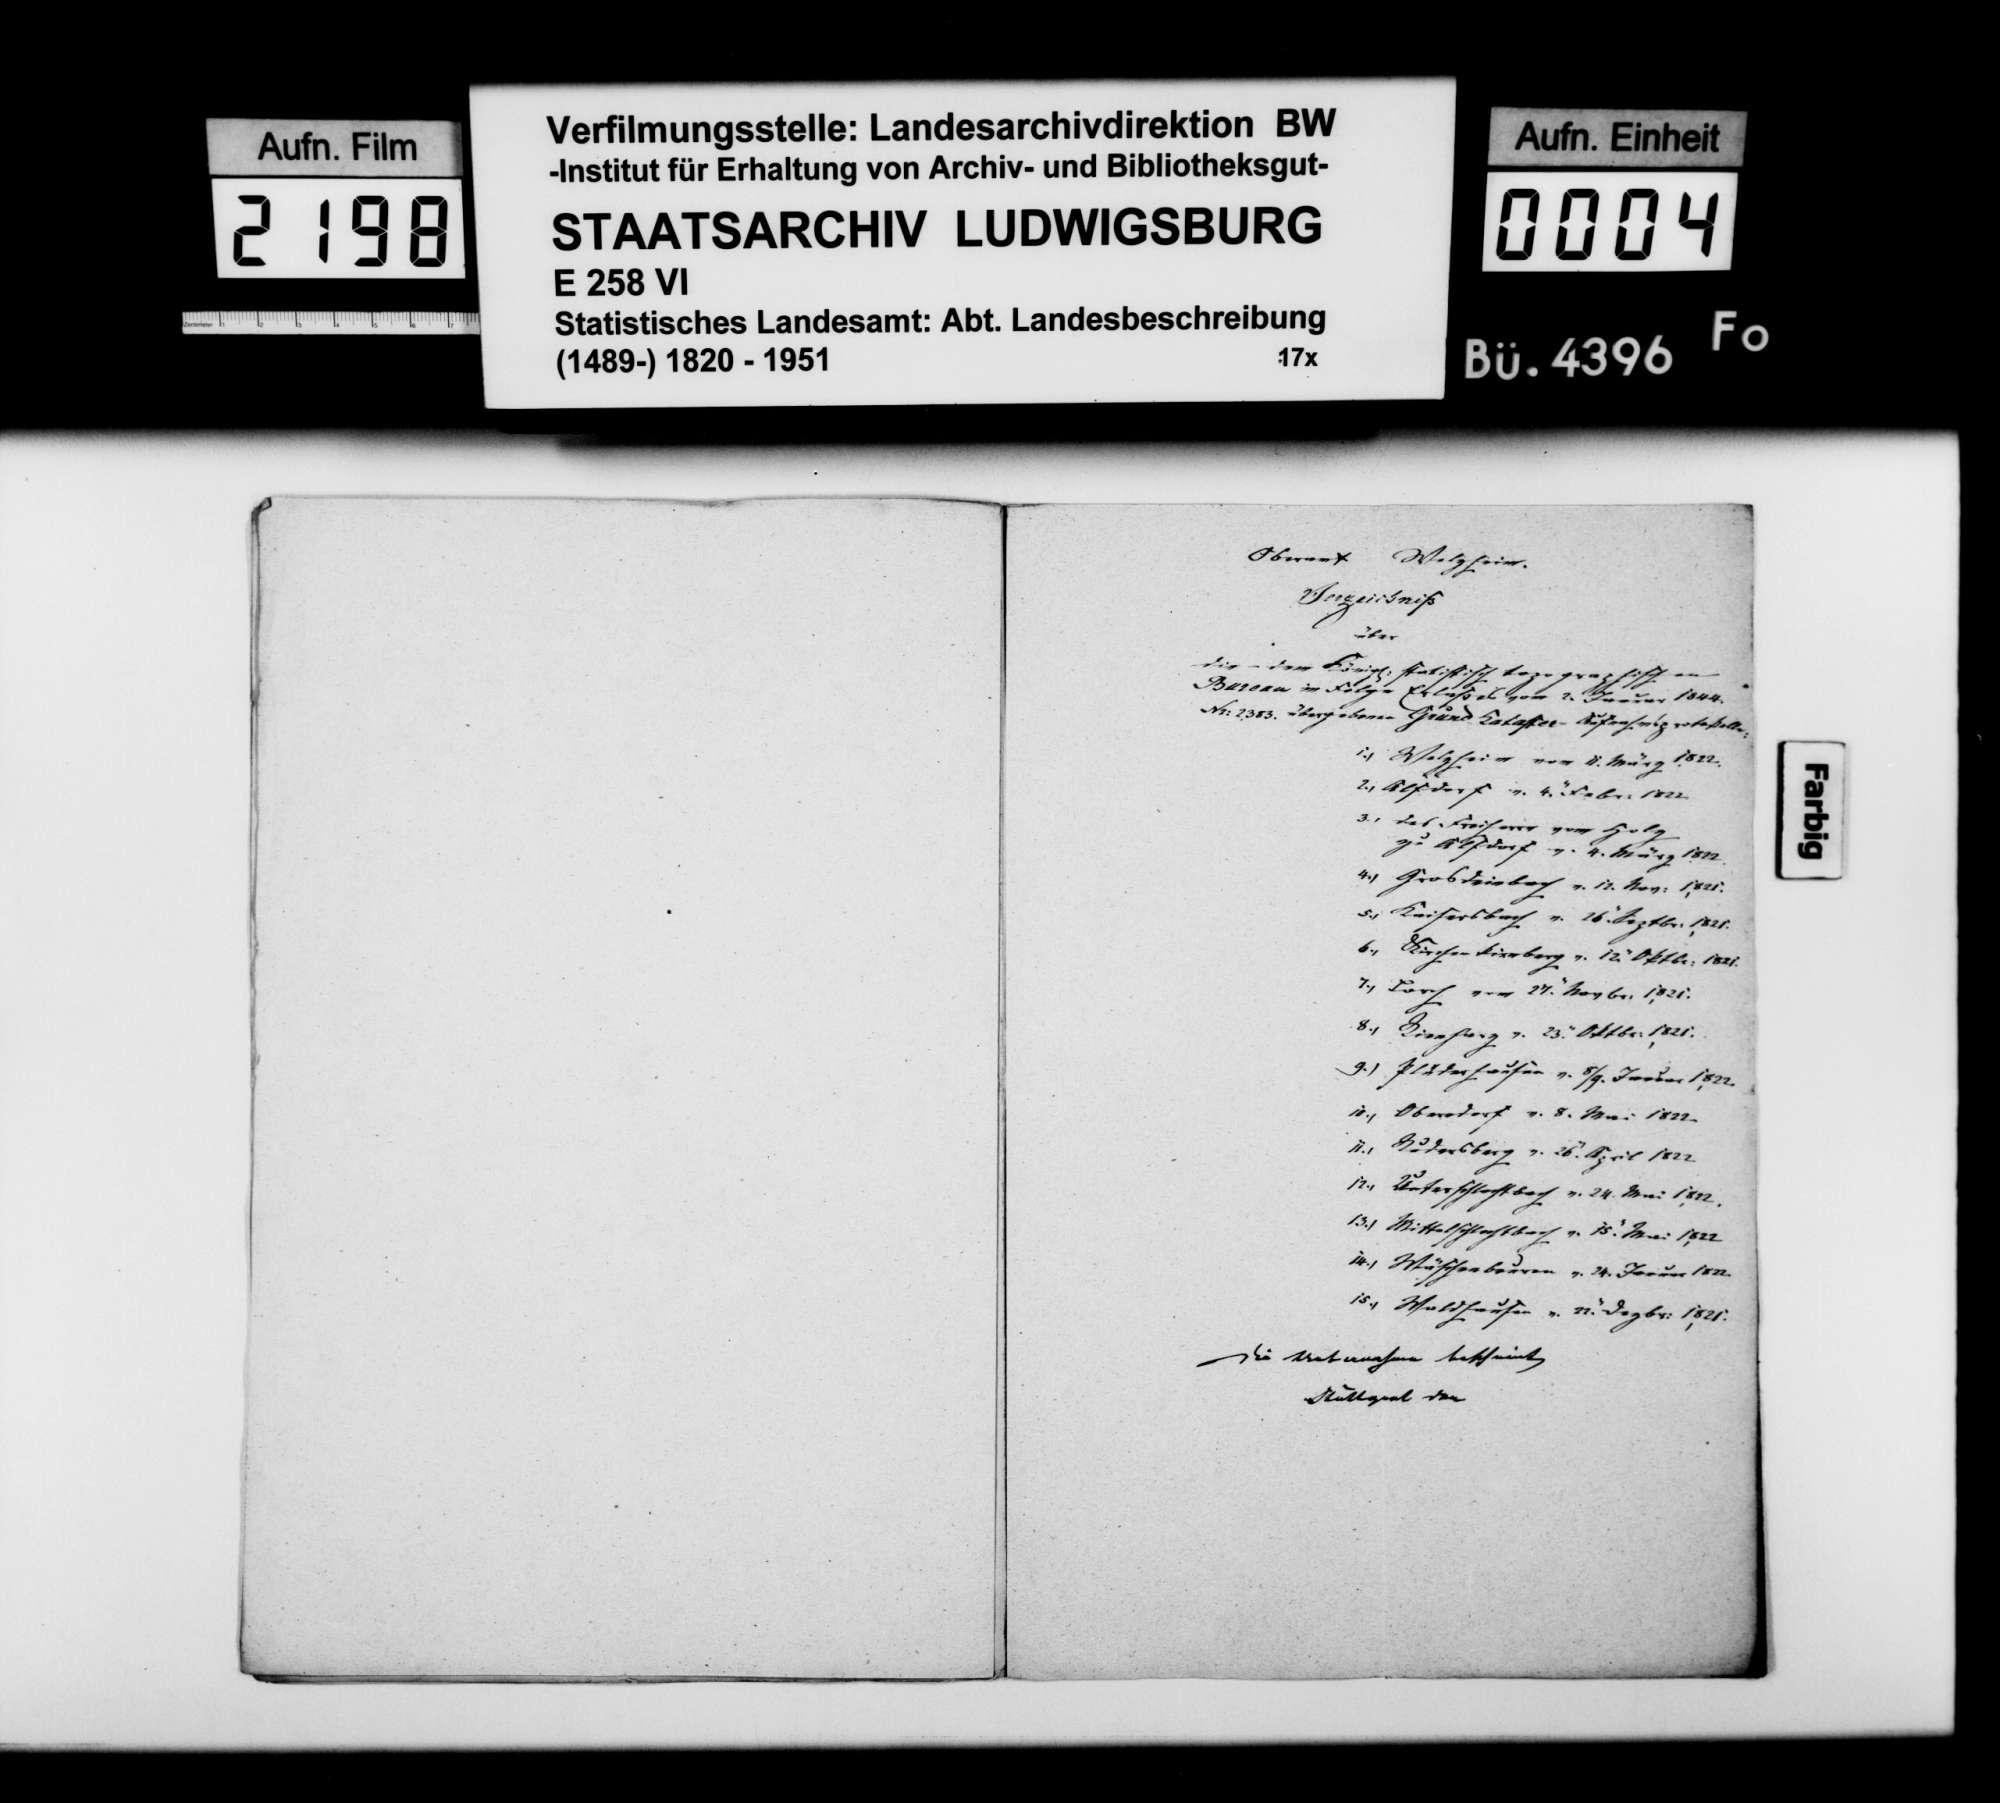 Ausleihe von Material anderer Behörden an das STB, Bild 3